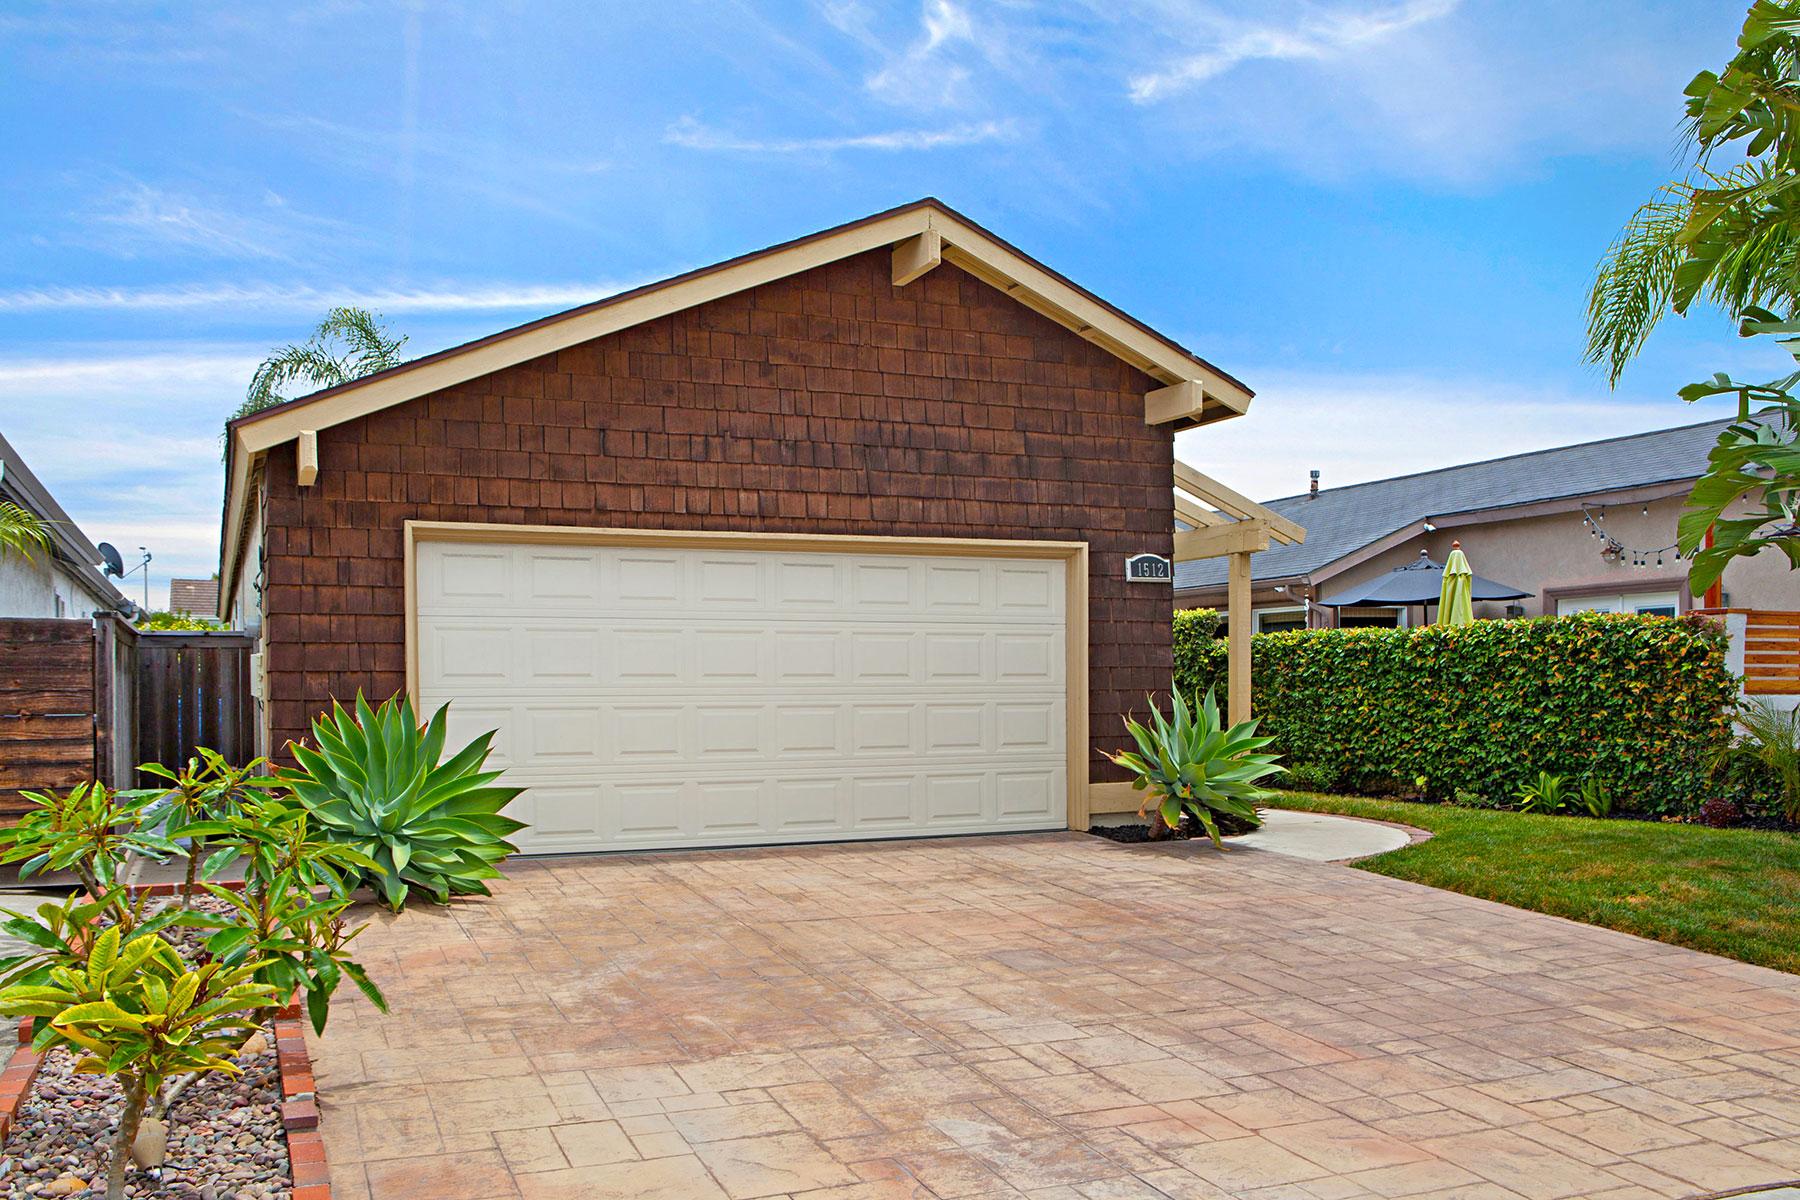 단독 가정 주택 용 매매 에 1512 Lakeside Huntington Beach, 캘리포니아, 92648 미국